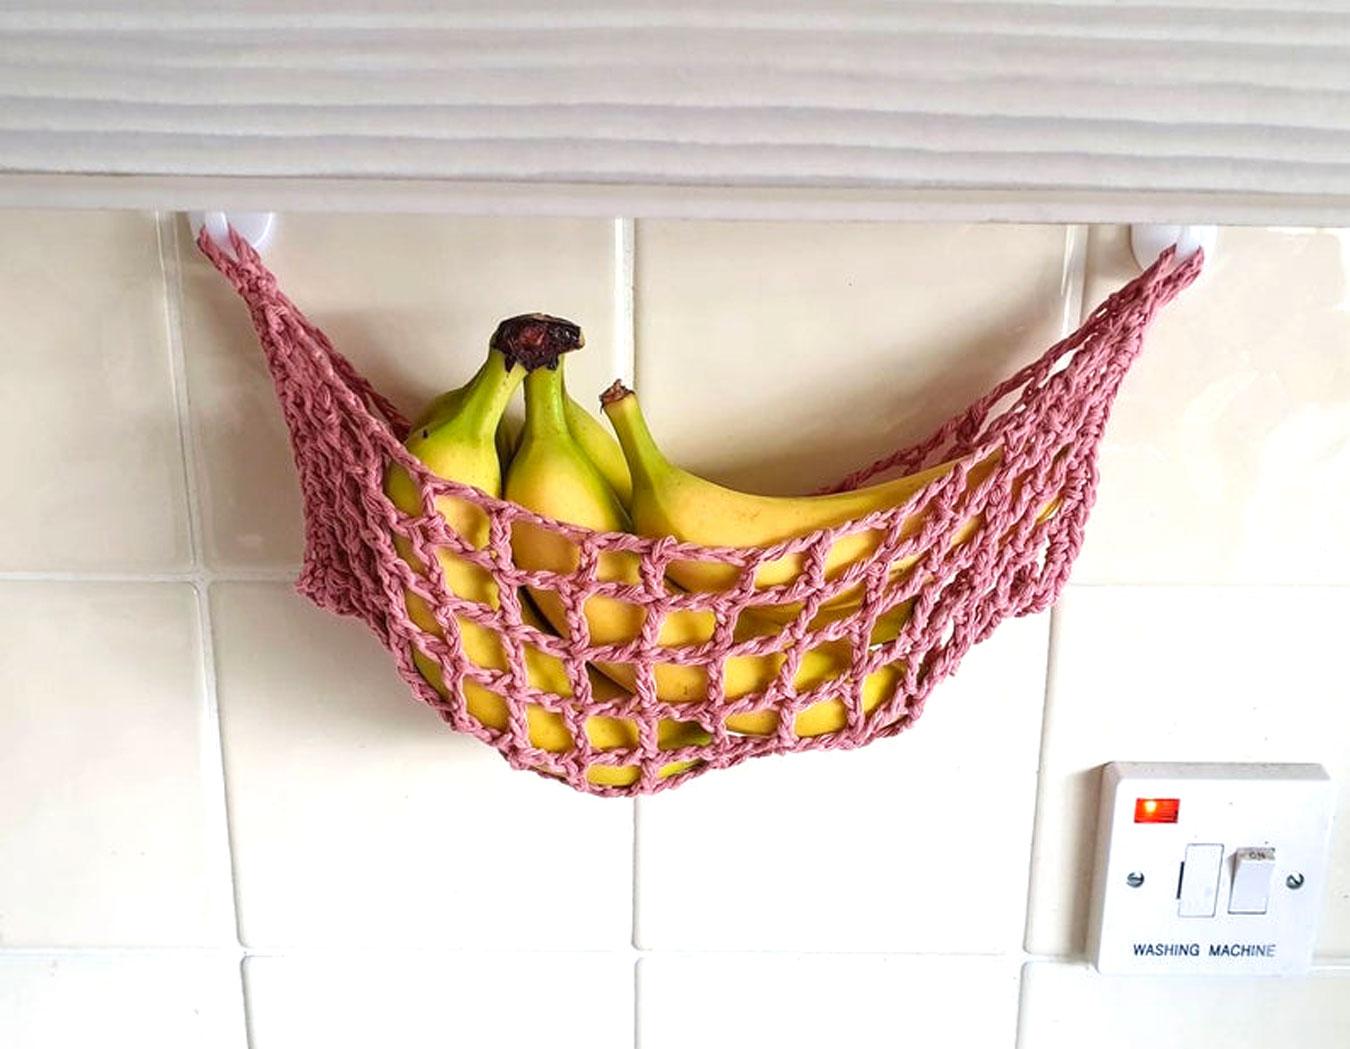 Sistemare la frutta in cucina con questa rete sospesa con banane.